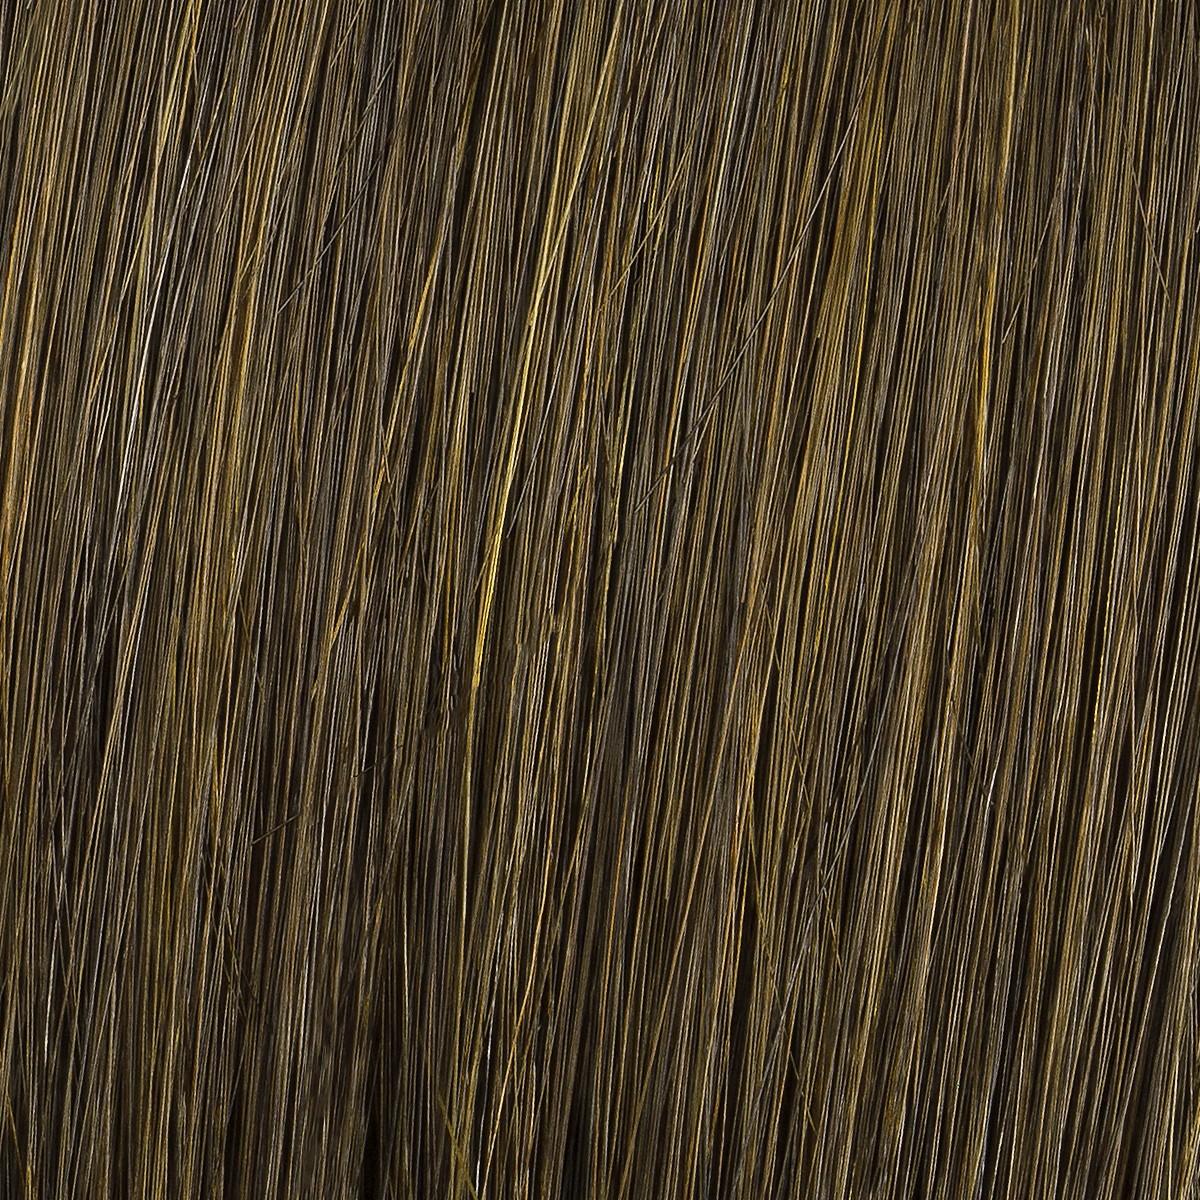 R4HH Chestnut Brown Human Hair